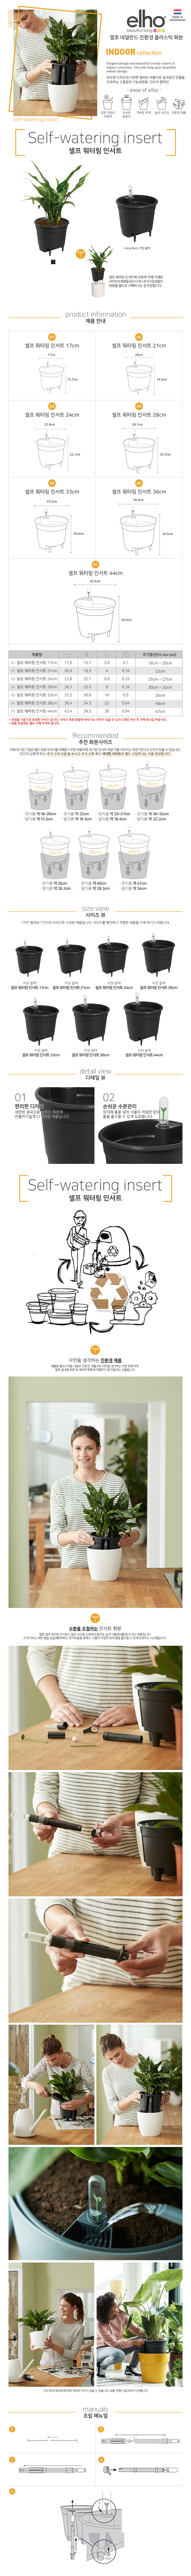 [엘호 elho] 셀프 워터링 인서트 화분(36cm) - 엘호, 36,300원, 공화분, 디자인화분